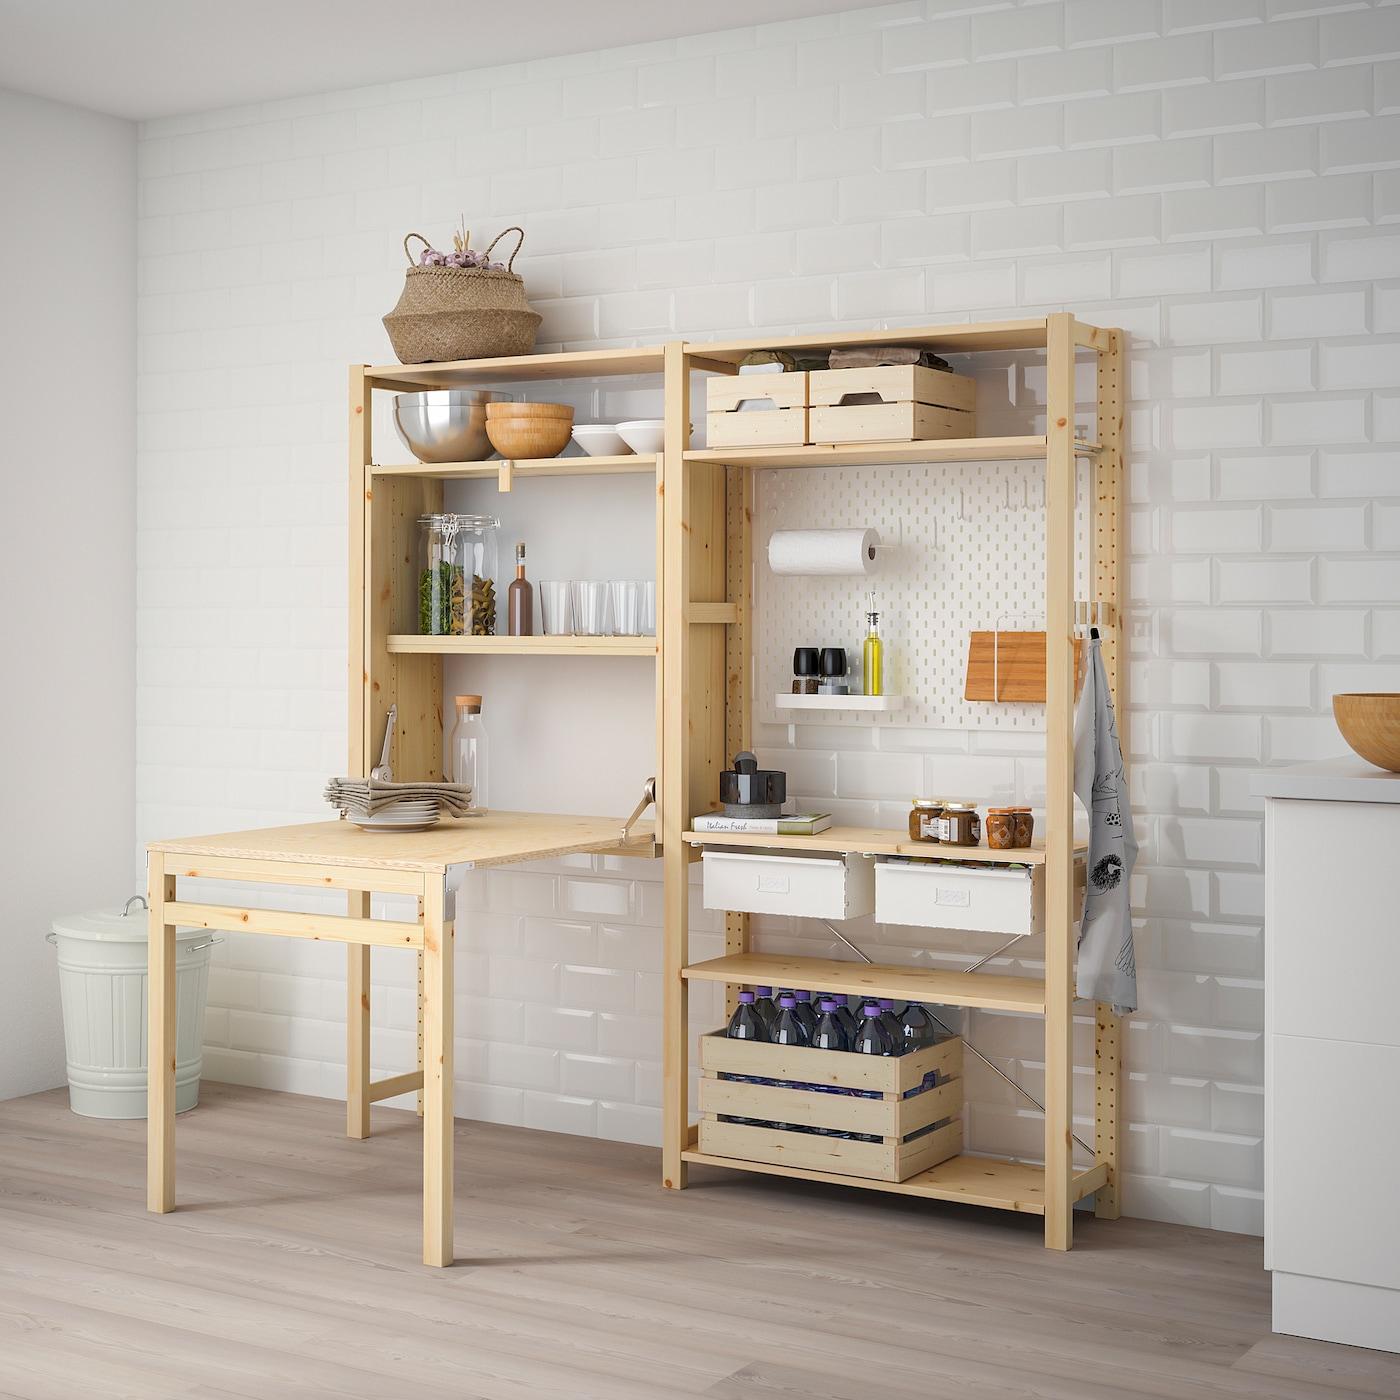 Tende Per Chiudere Ripostiglio ivar 2 sezioni/mobile tavolo pieghevole - pino, bianco 174x30-104x179 cm